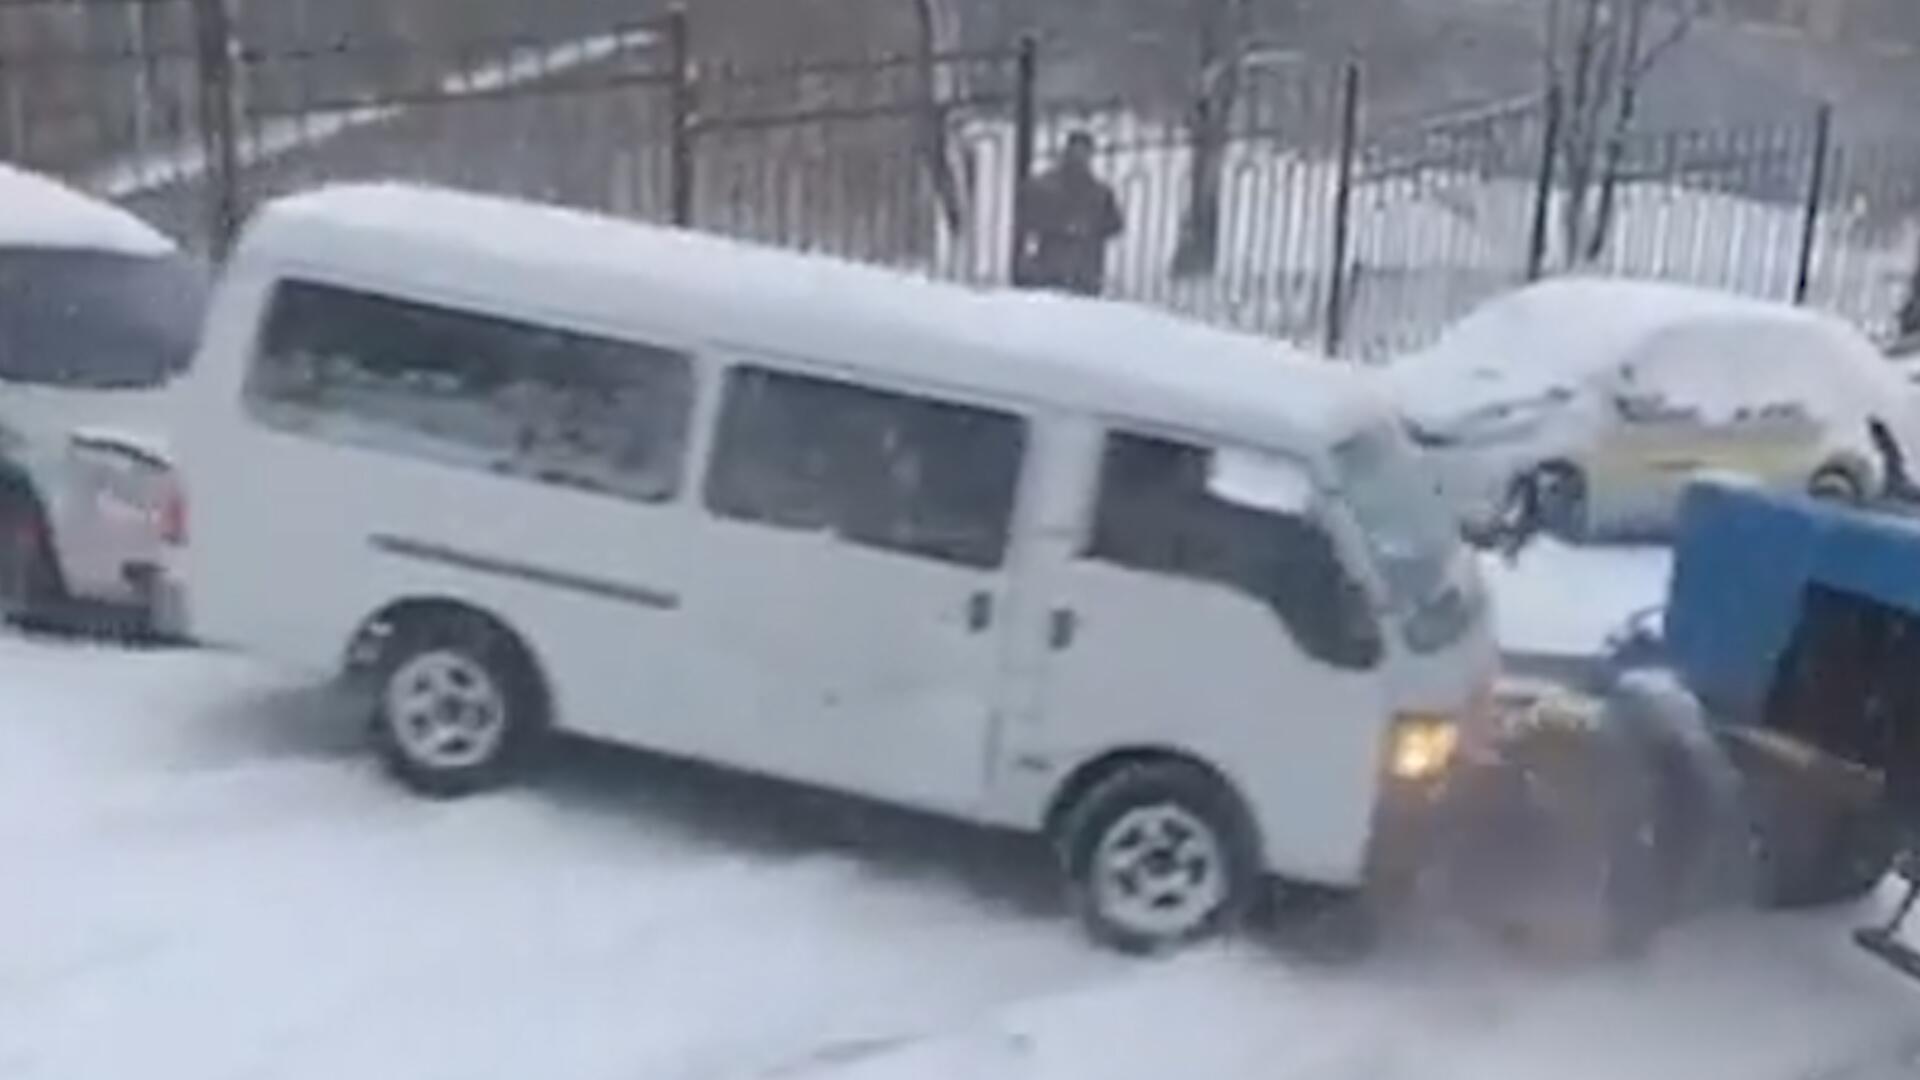 Bild zu Russland: Schnee und Eis verursachen Massenkarambolage in Wladiwostok